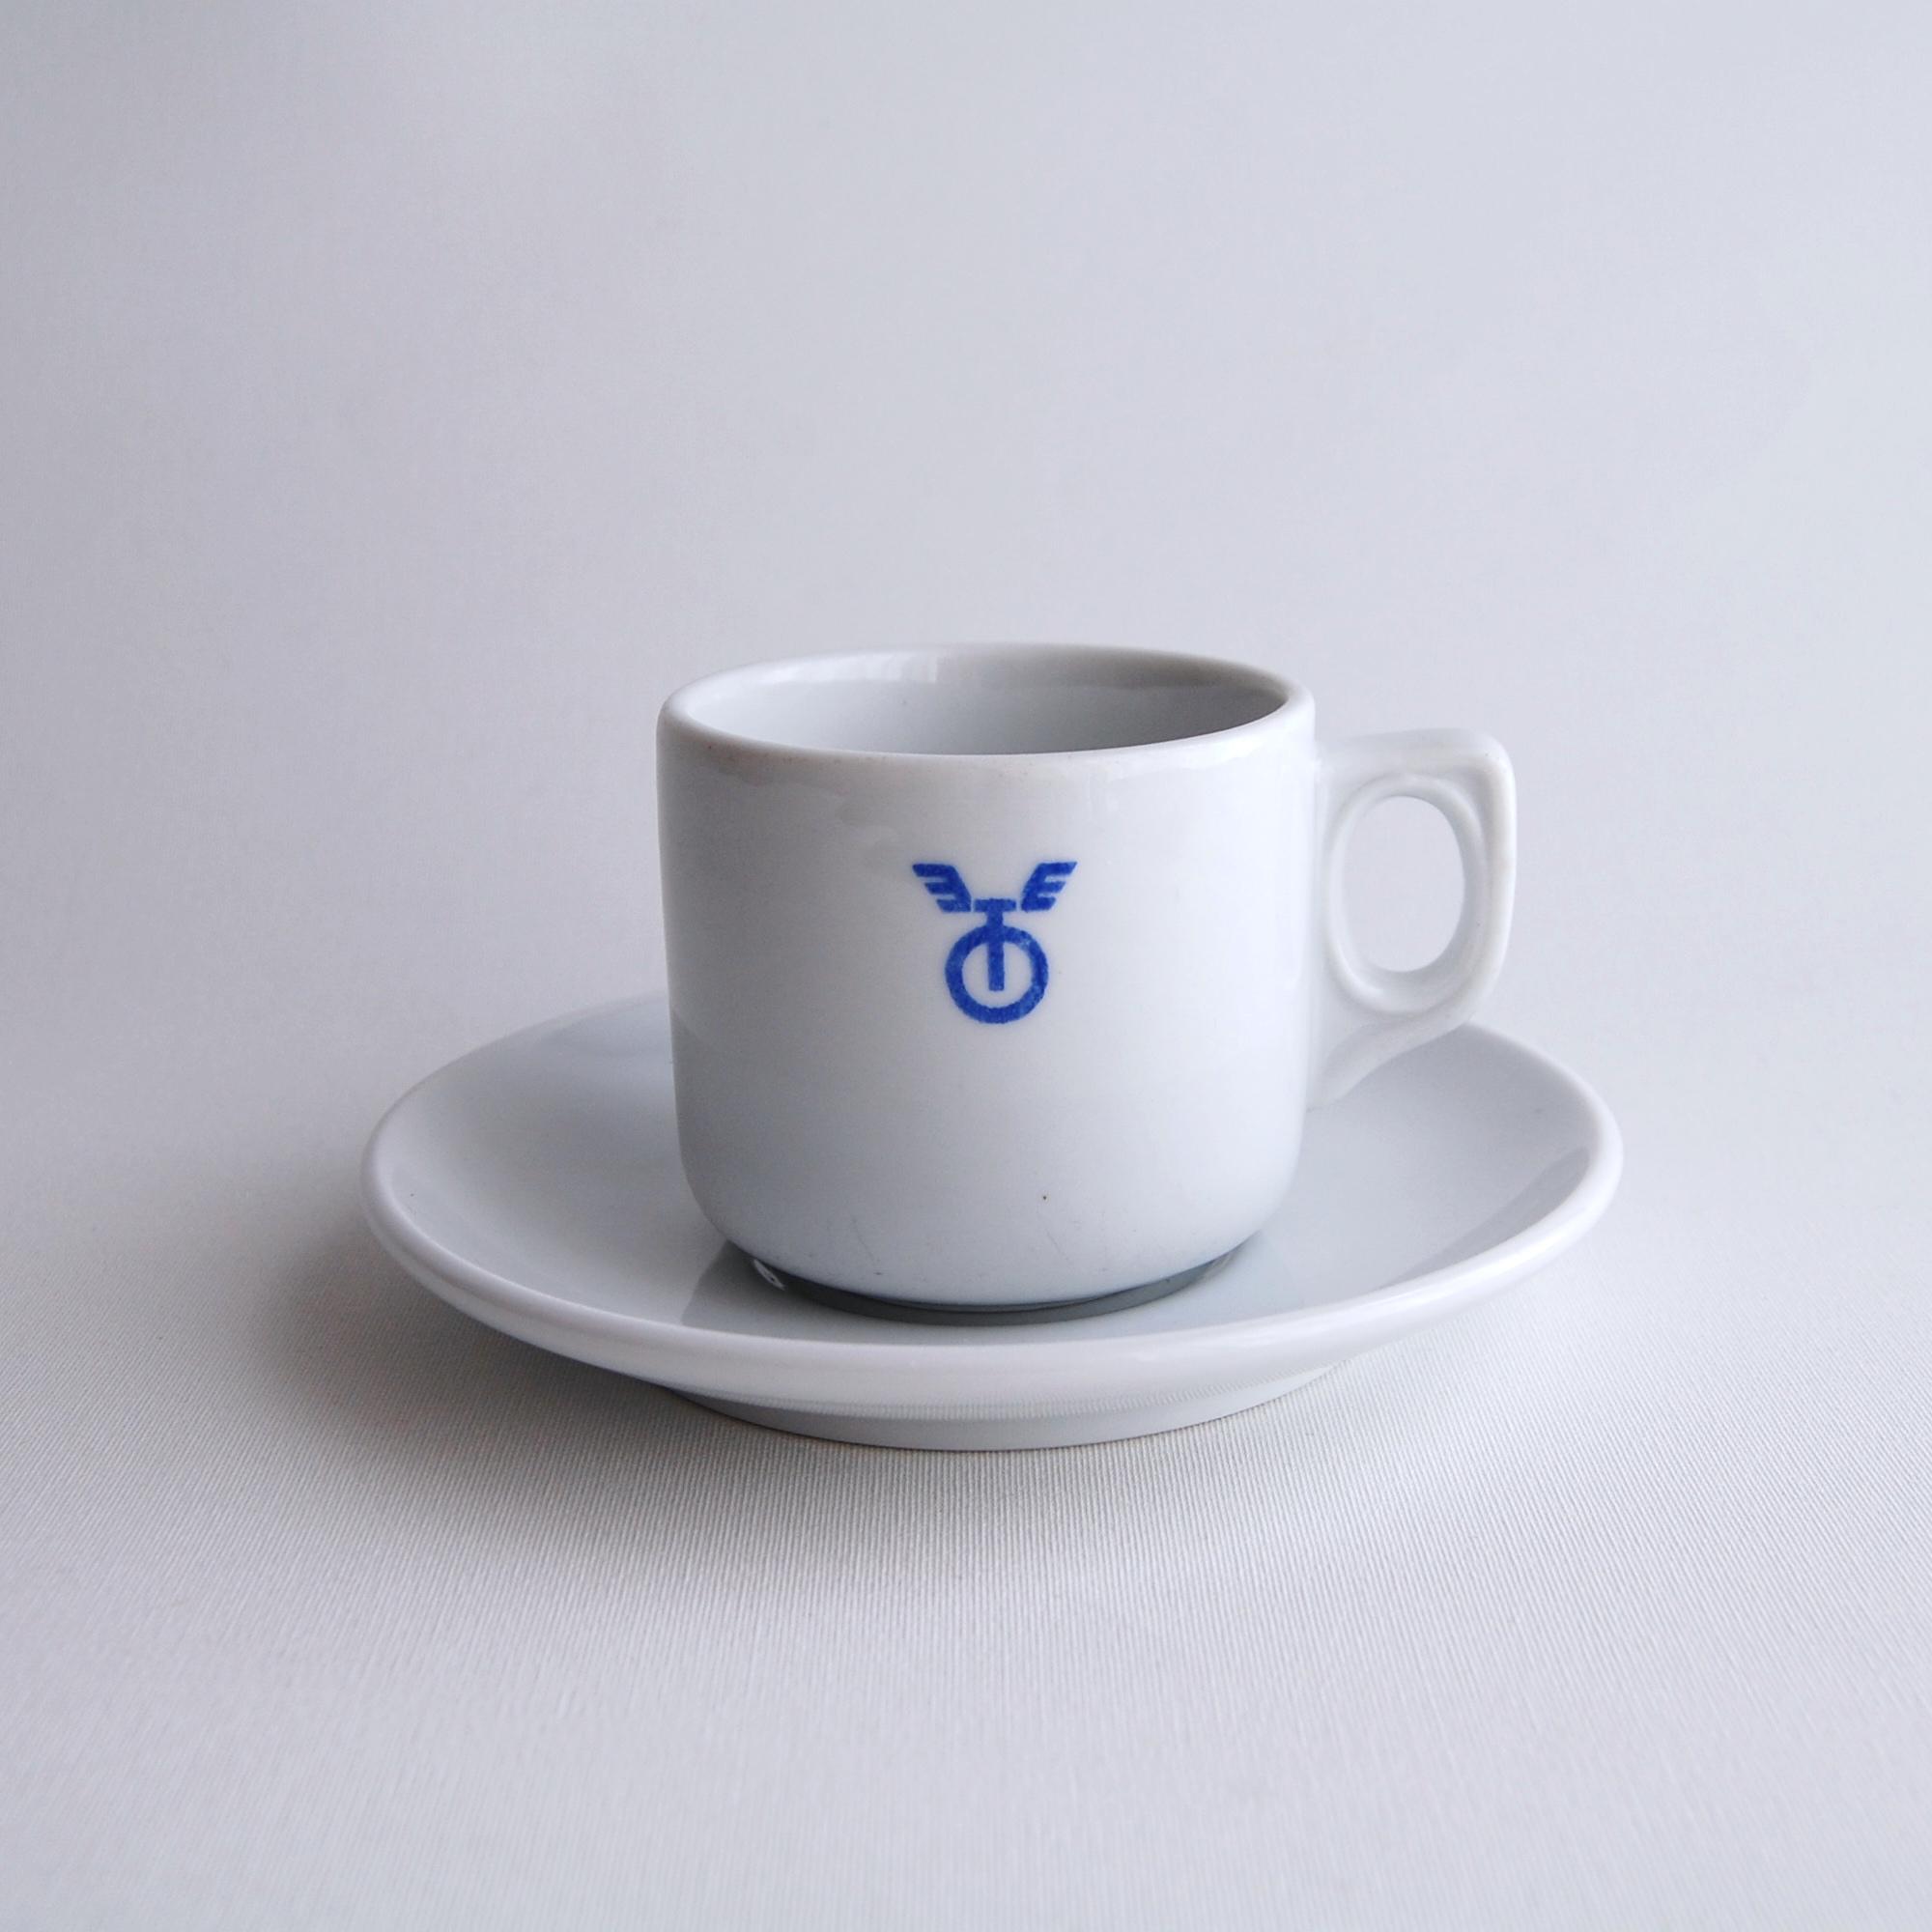 ARABIA/アラビア 業務用コーヒーカップ&ソーサー